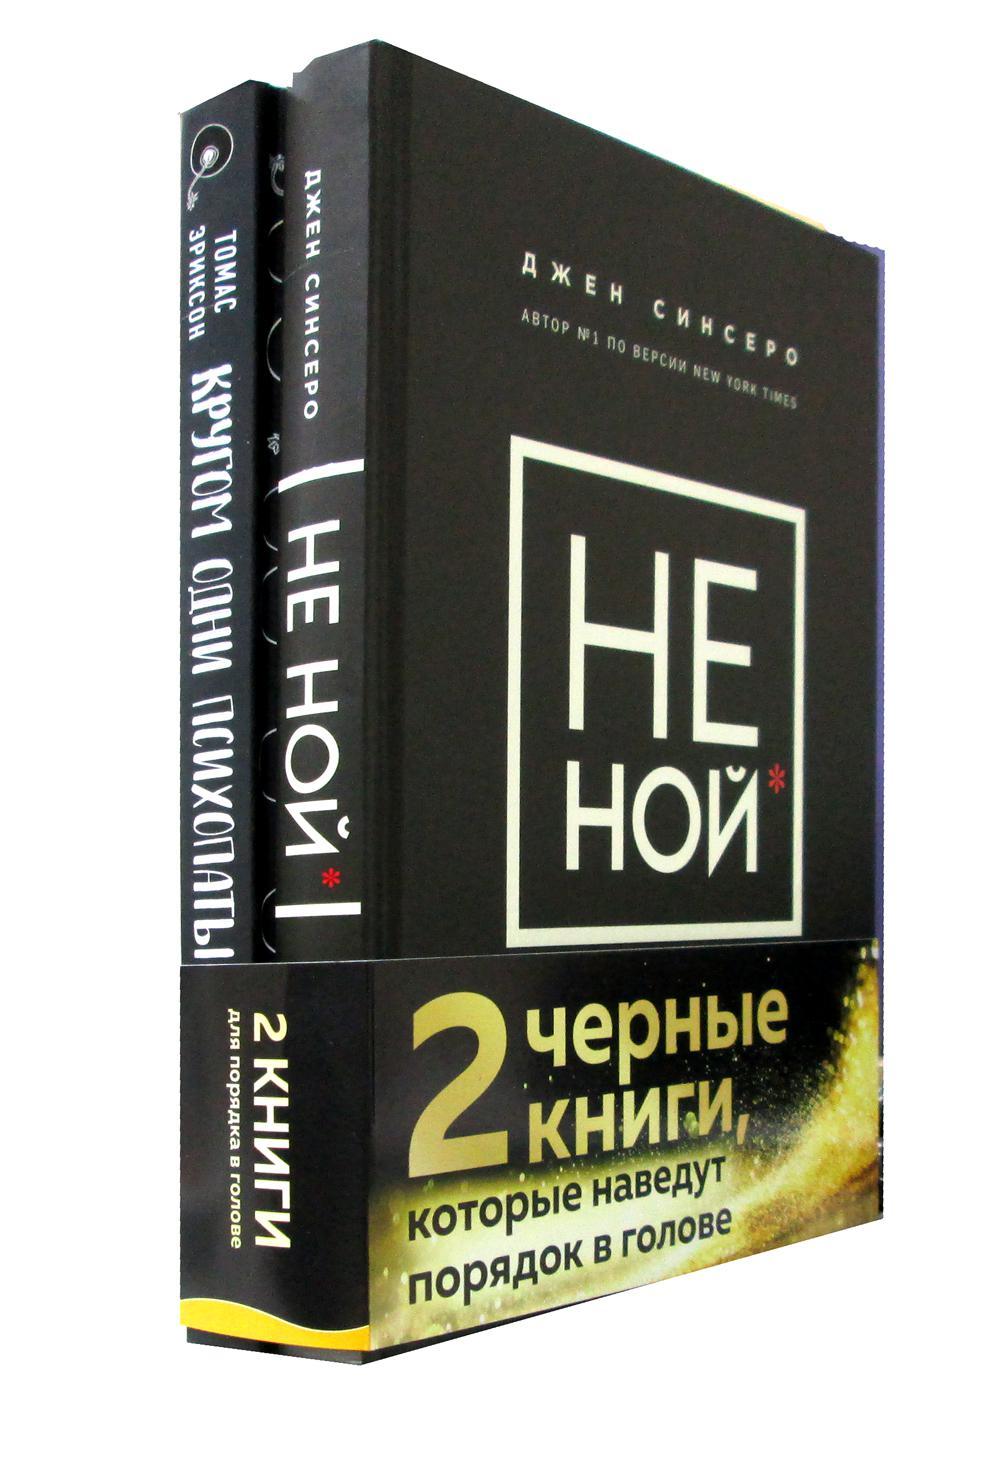 2 черные книги, которые наведут порядок в голове. Комплект из двух книг (новое оформление) (НЕ НОЙ + Кругом одни психопаты)